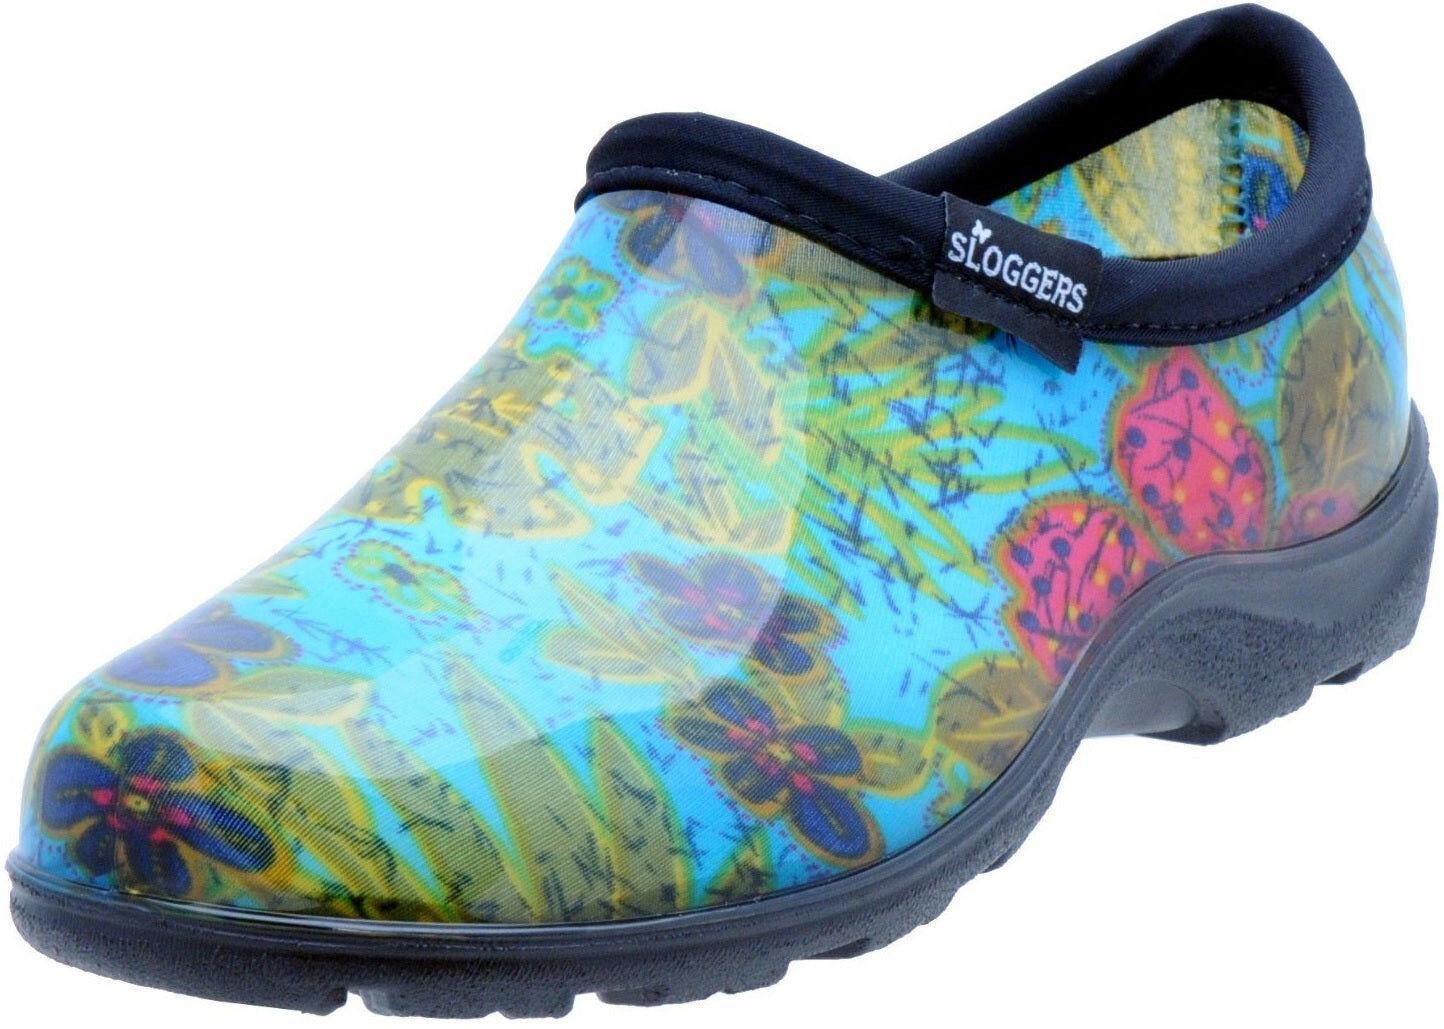 Sloggers 5102bl09 Women's Garden Shoes, Midsummer Blue, Size 9